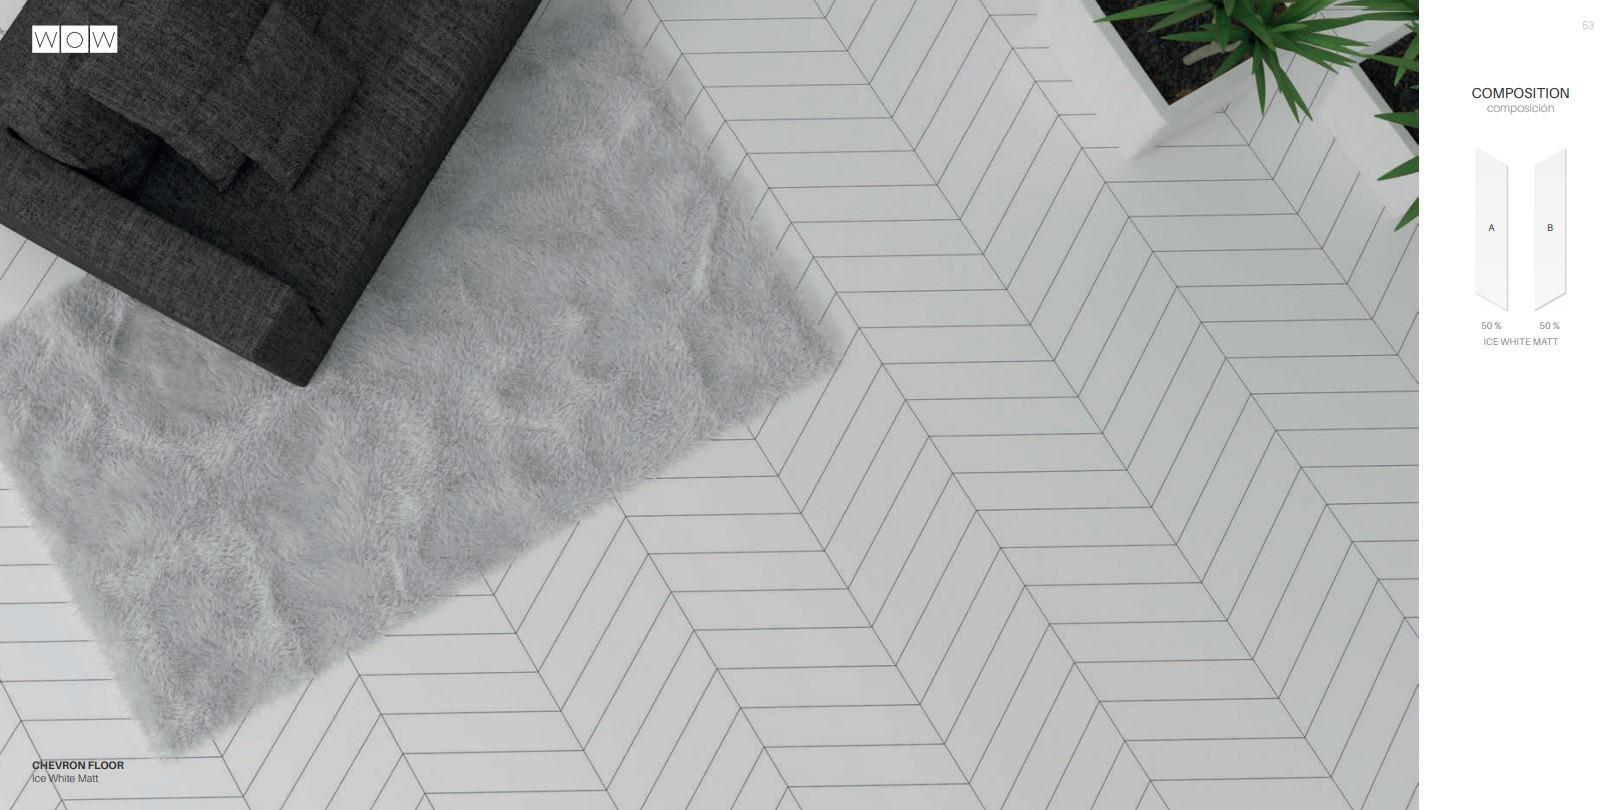 Floor Tiles Ice White Matte Chevron